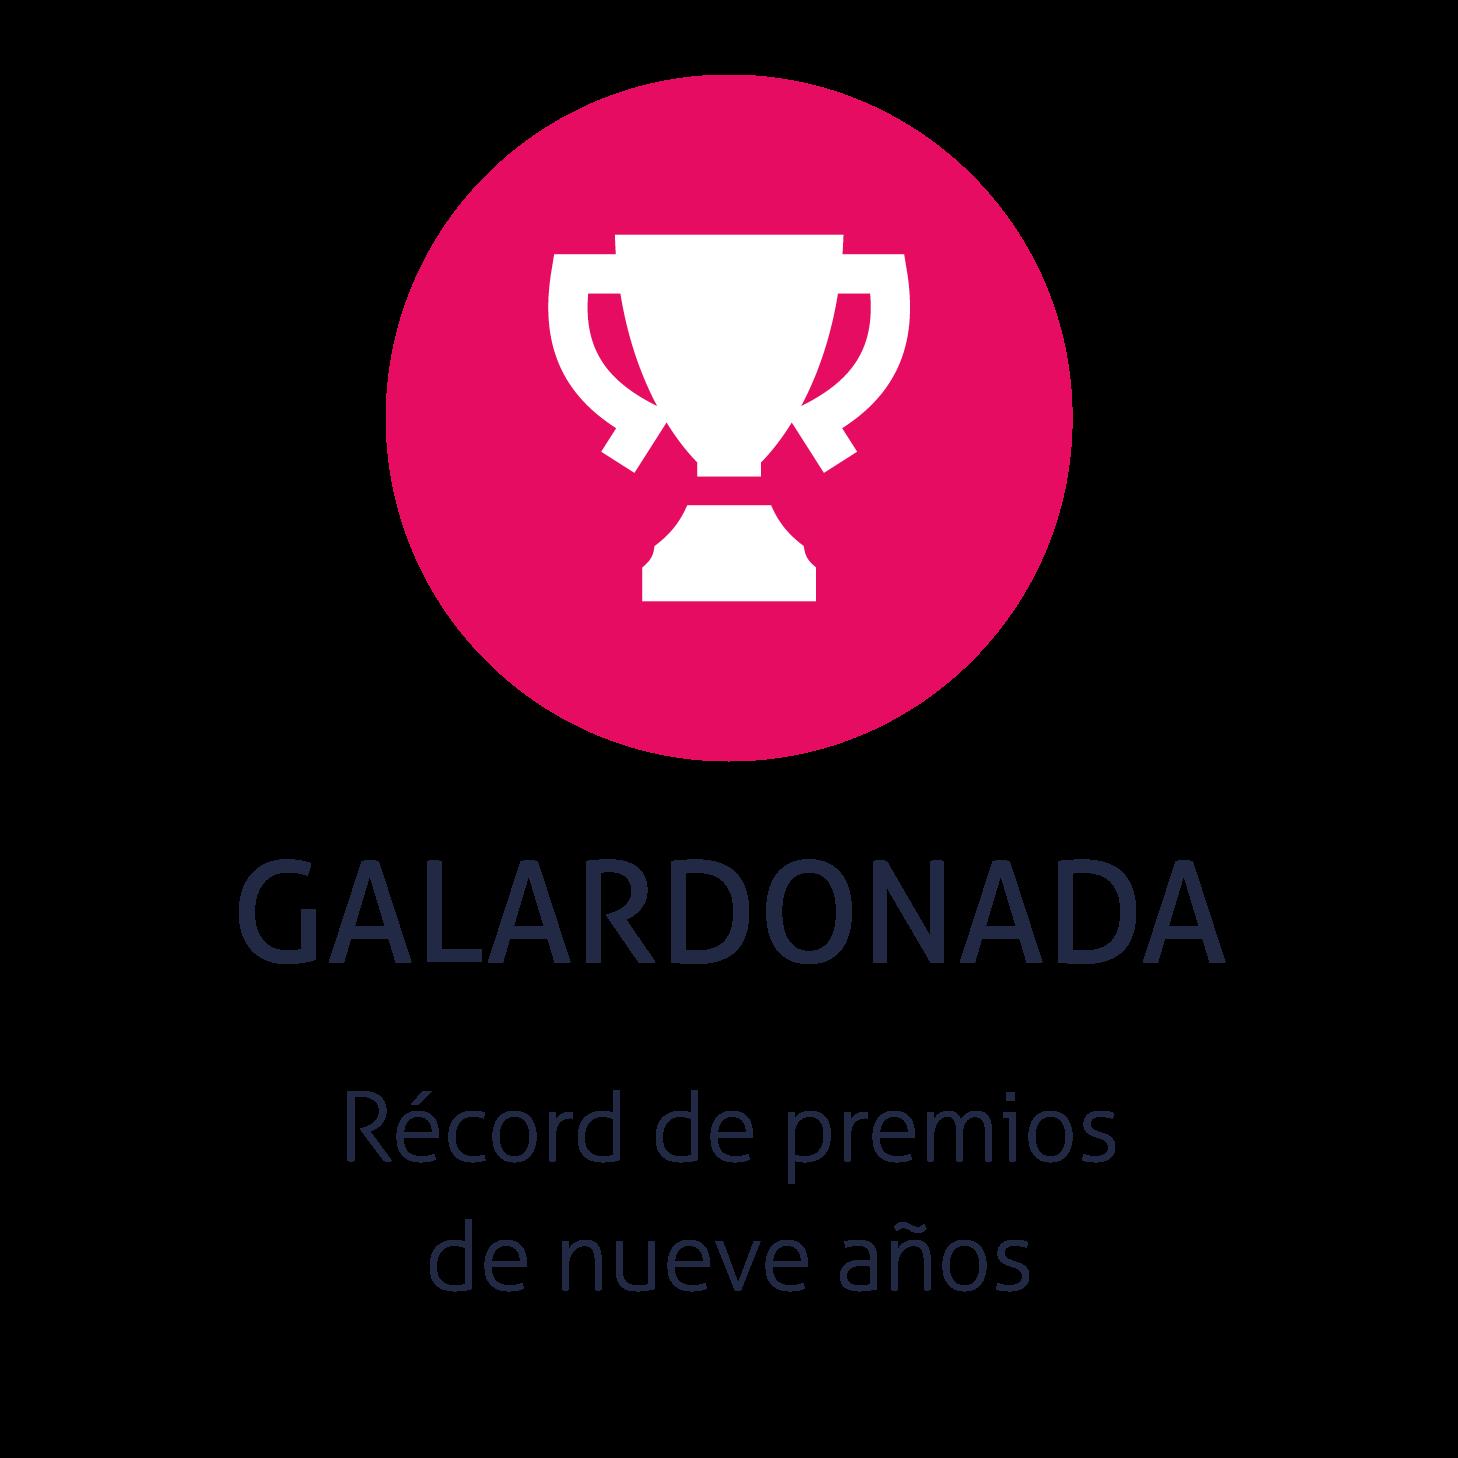 Record de premios de nueve años.